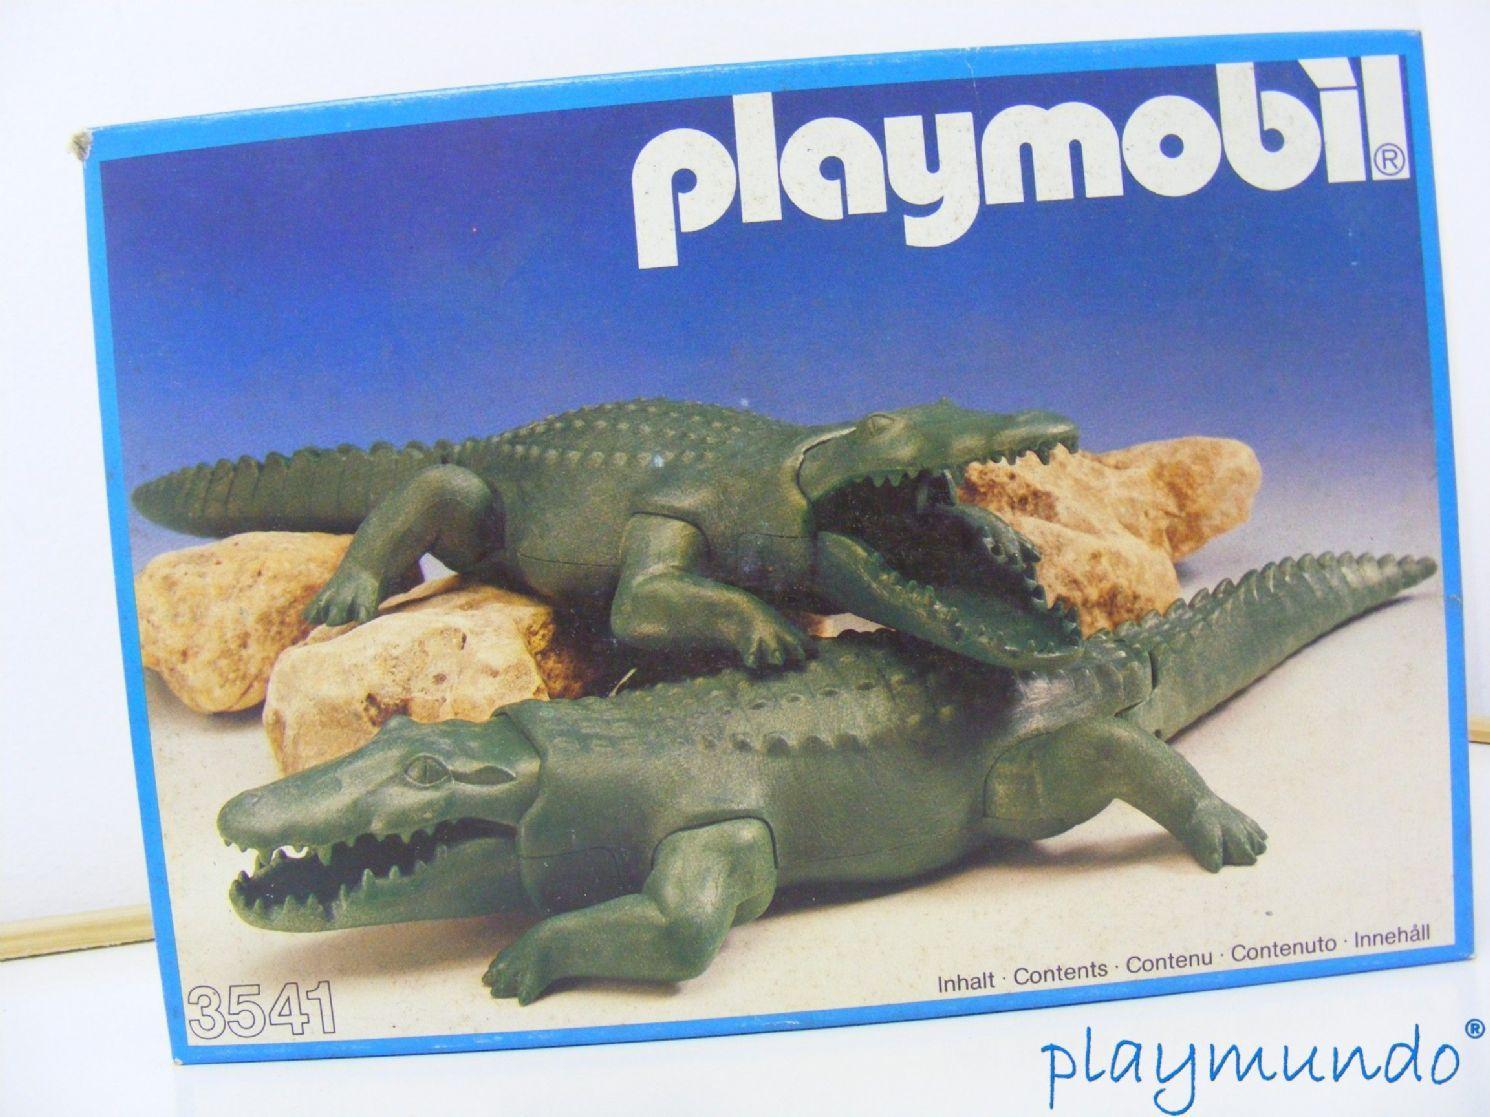 PLAYMOBIL COCODRILOS REF. 3541 (AÑO 1983)